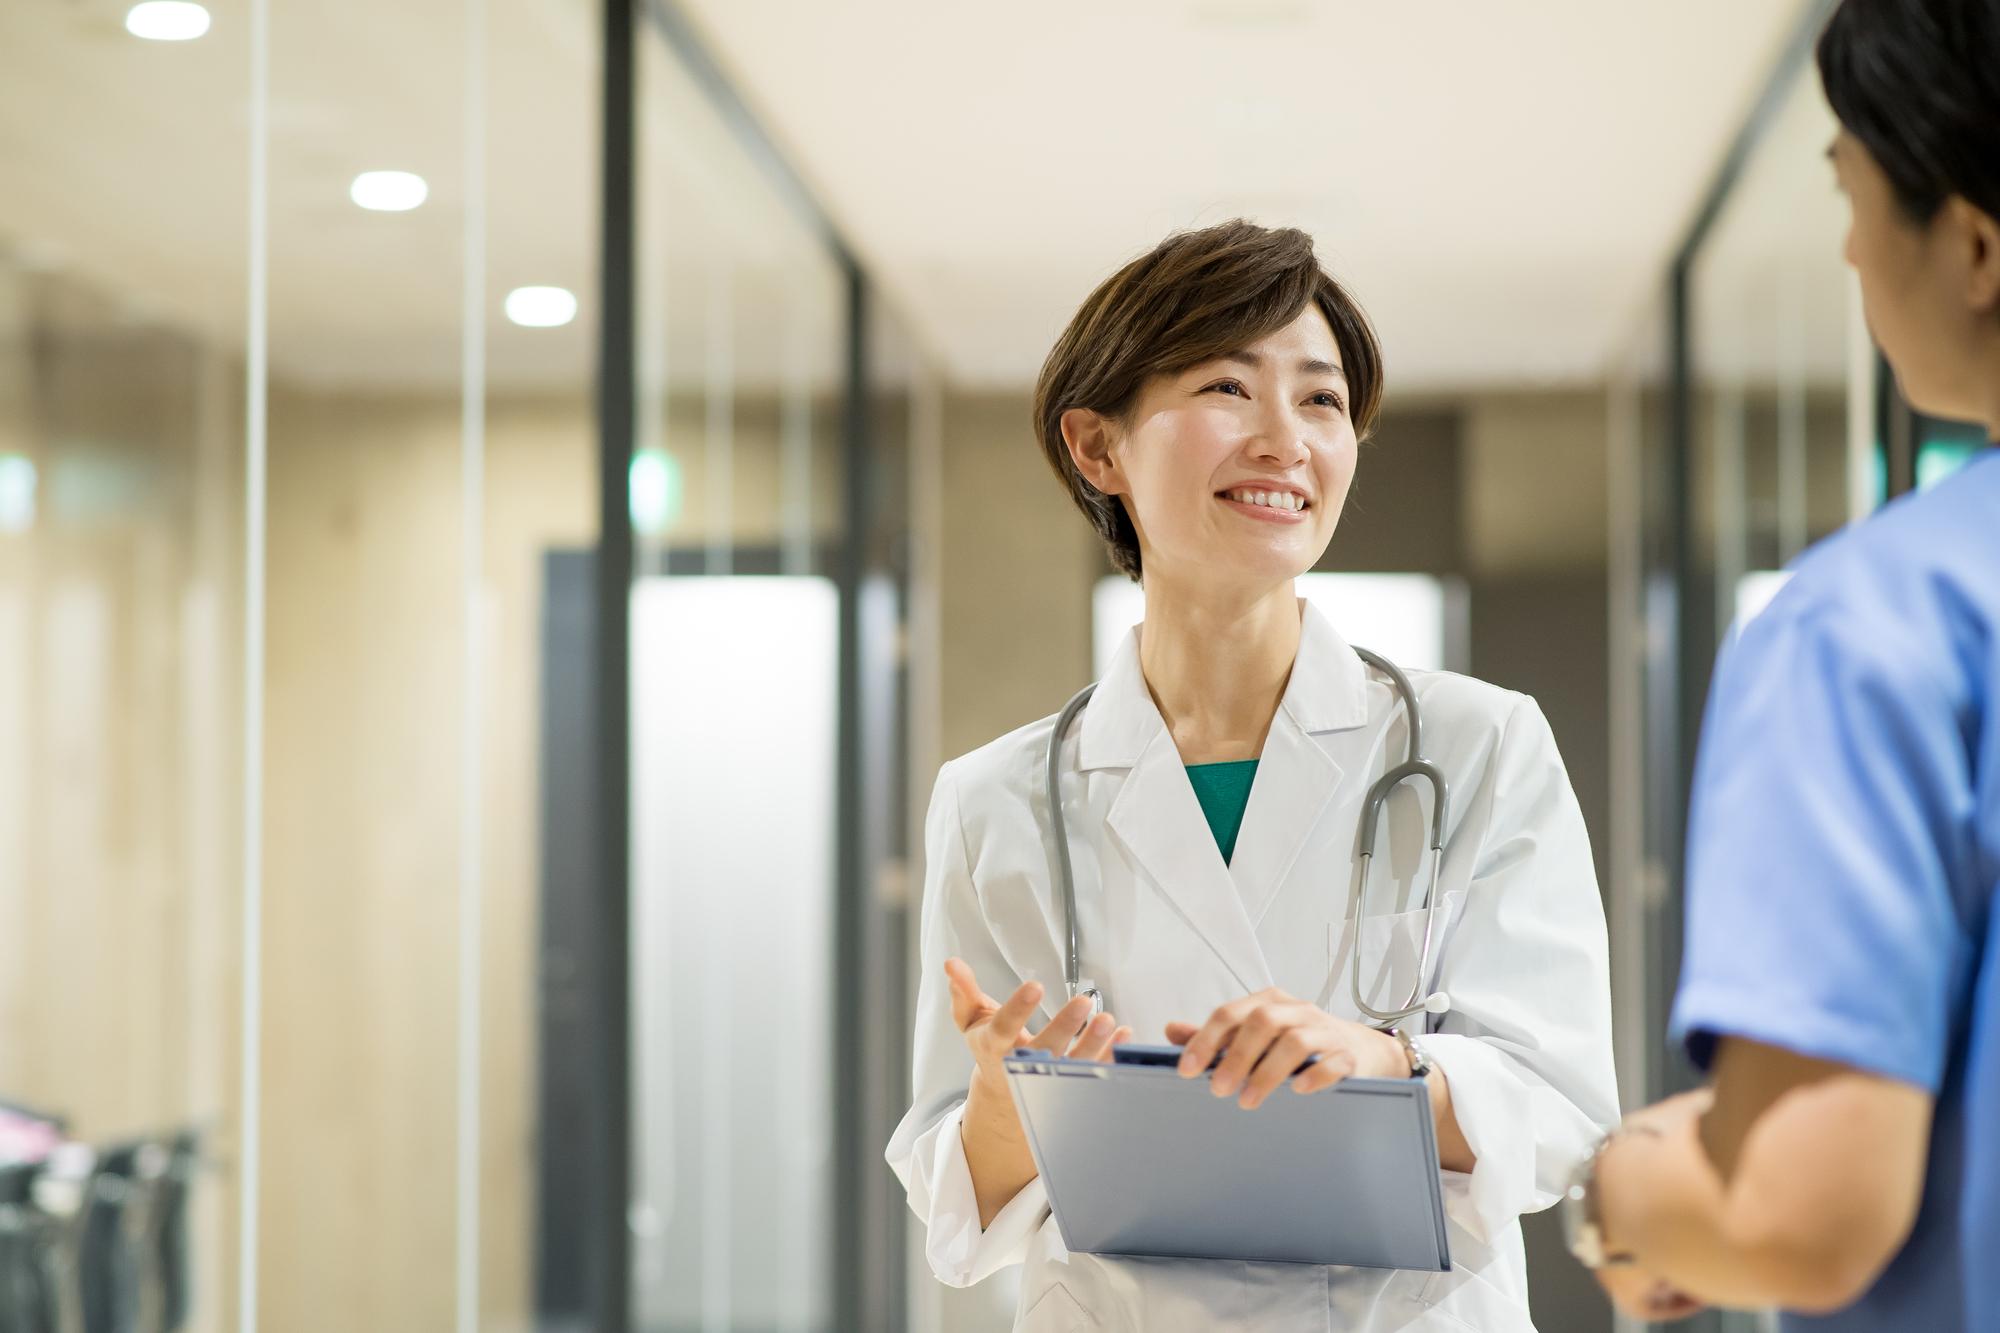 産業医のキャリアを考える人必見!臨床との両立は可能?非常勤でも働ける?よくある疑問を解決